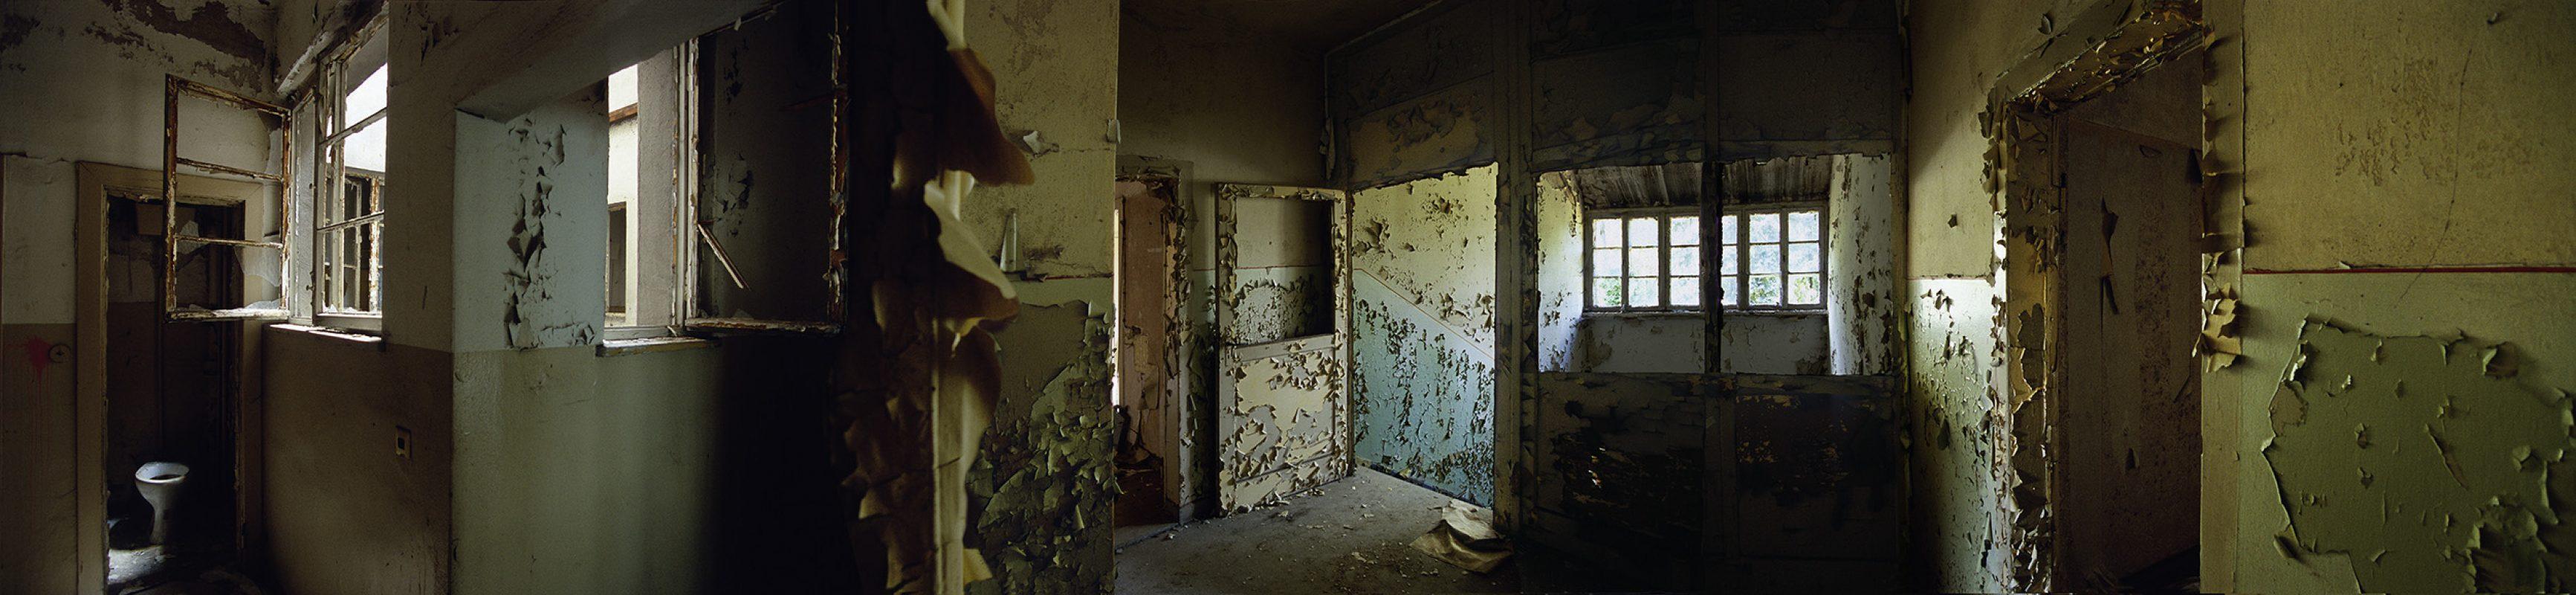 KZ-Außenlager Sachsenhausen, Häftlingsbäckerei am Klinkerwerk, Treppe-toilette